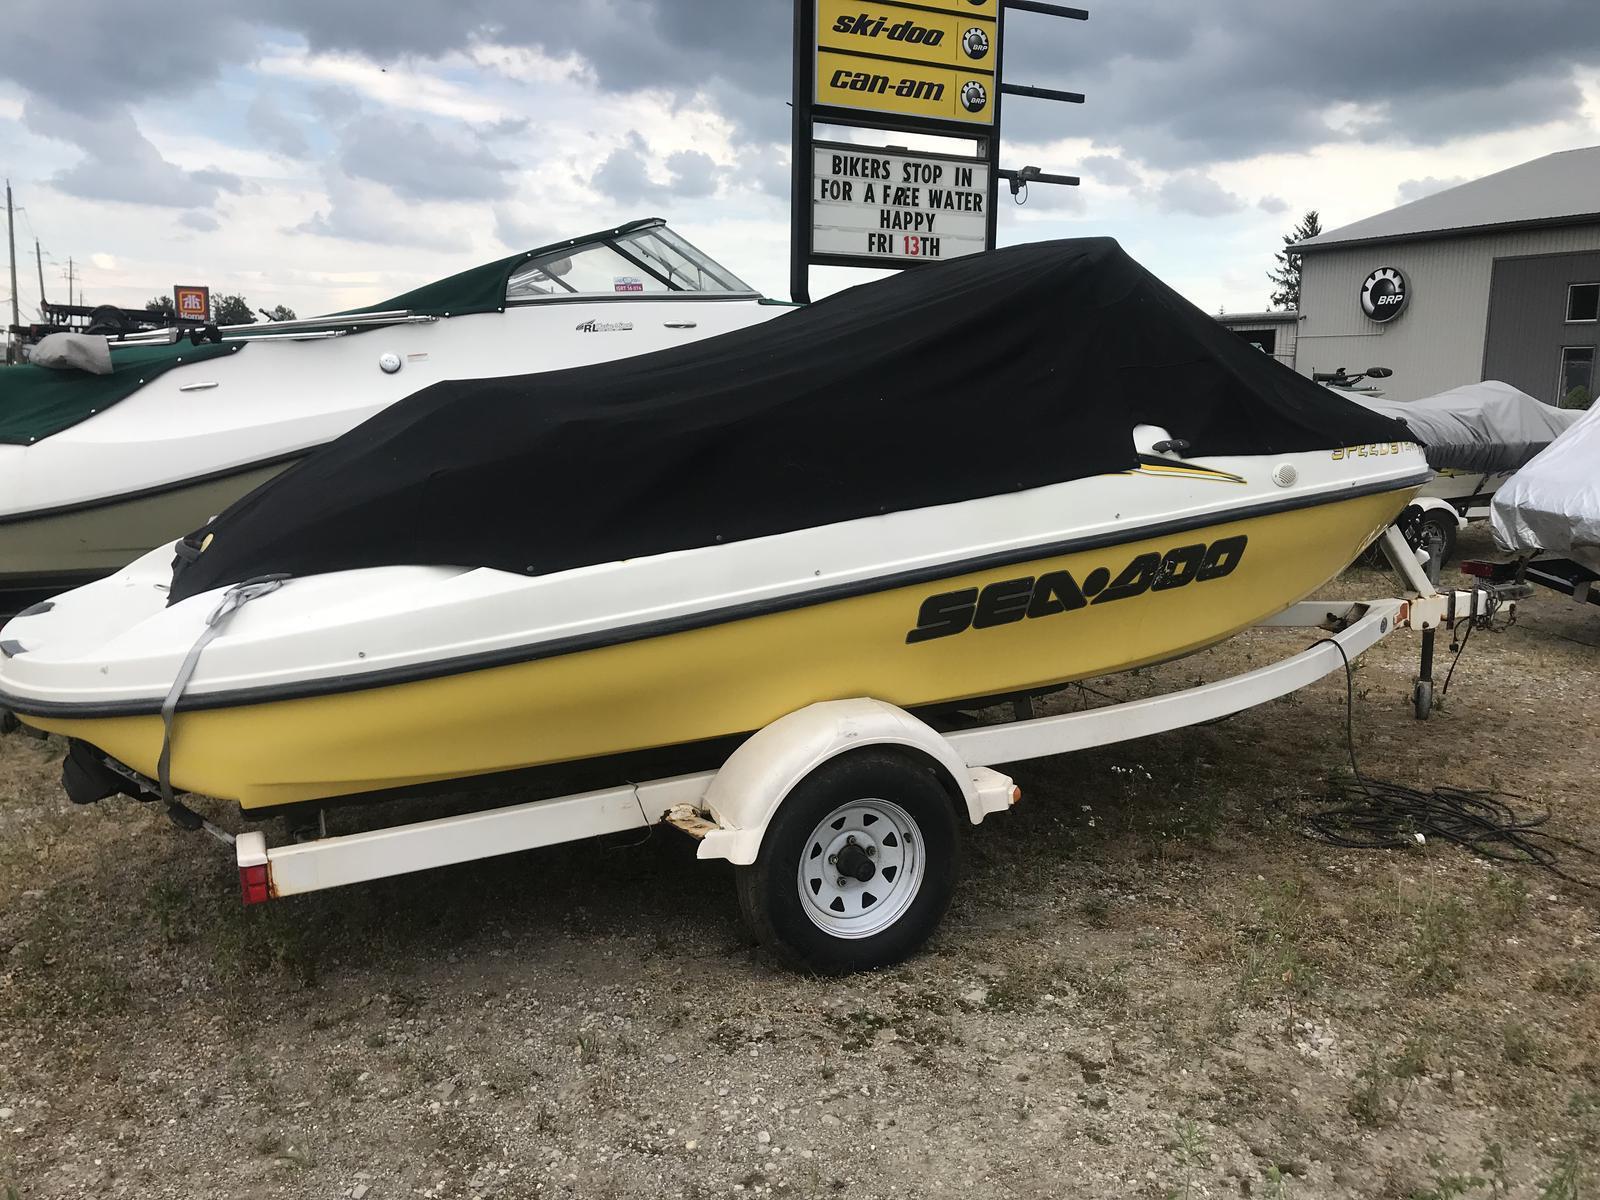 For Sale: 1999 Sea Doo Sportboat Speedster Sk Twn/ 110hp 17ft<br/>Team Vincent Motorsports Inc